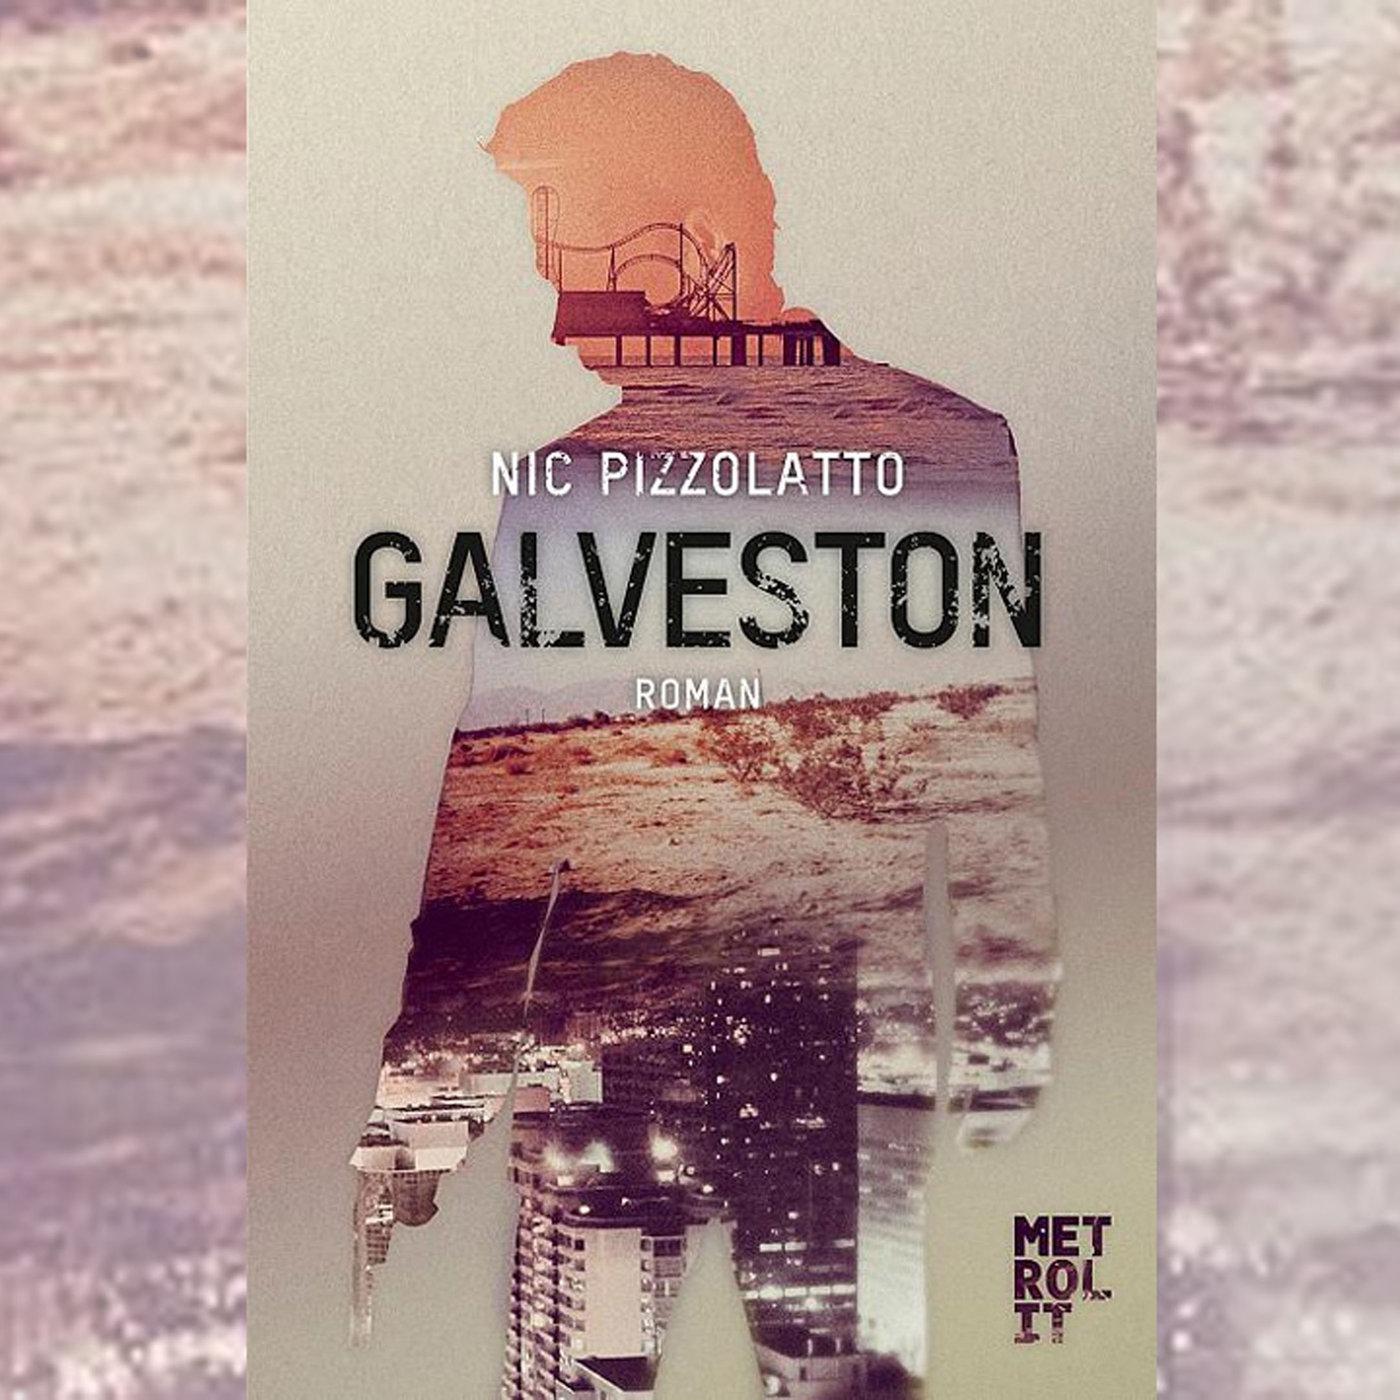 Galveston (1/2): Killer und Prostituierte suchen das Glück